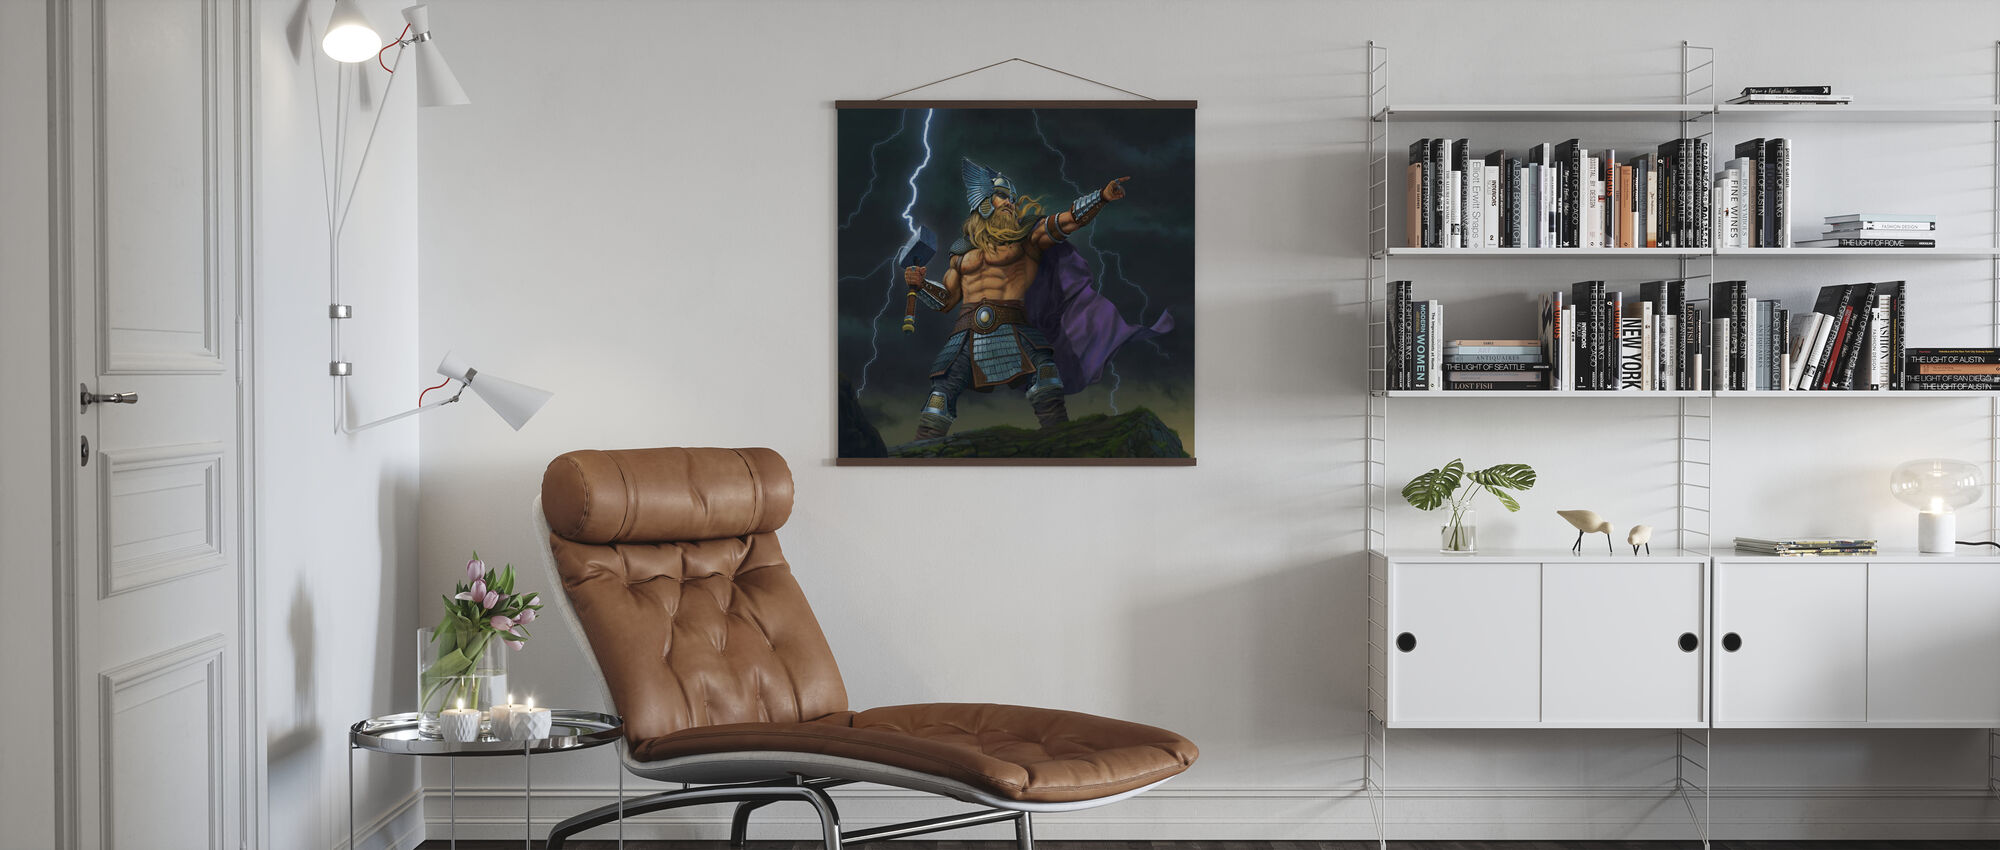 Thor God of Thunder - Poster - Living Room